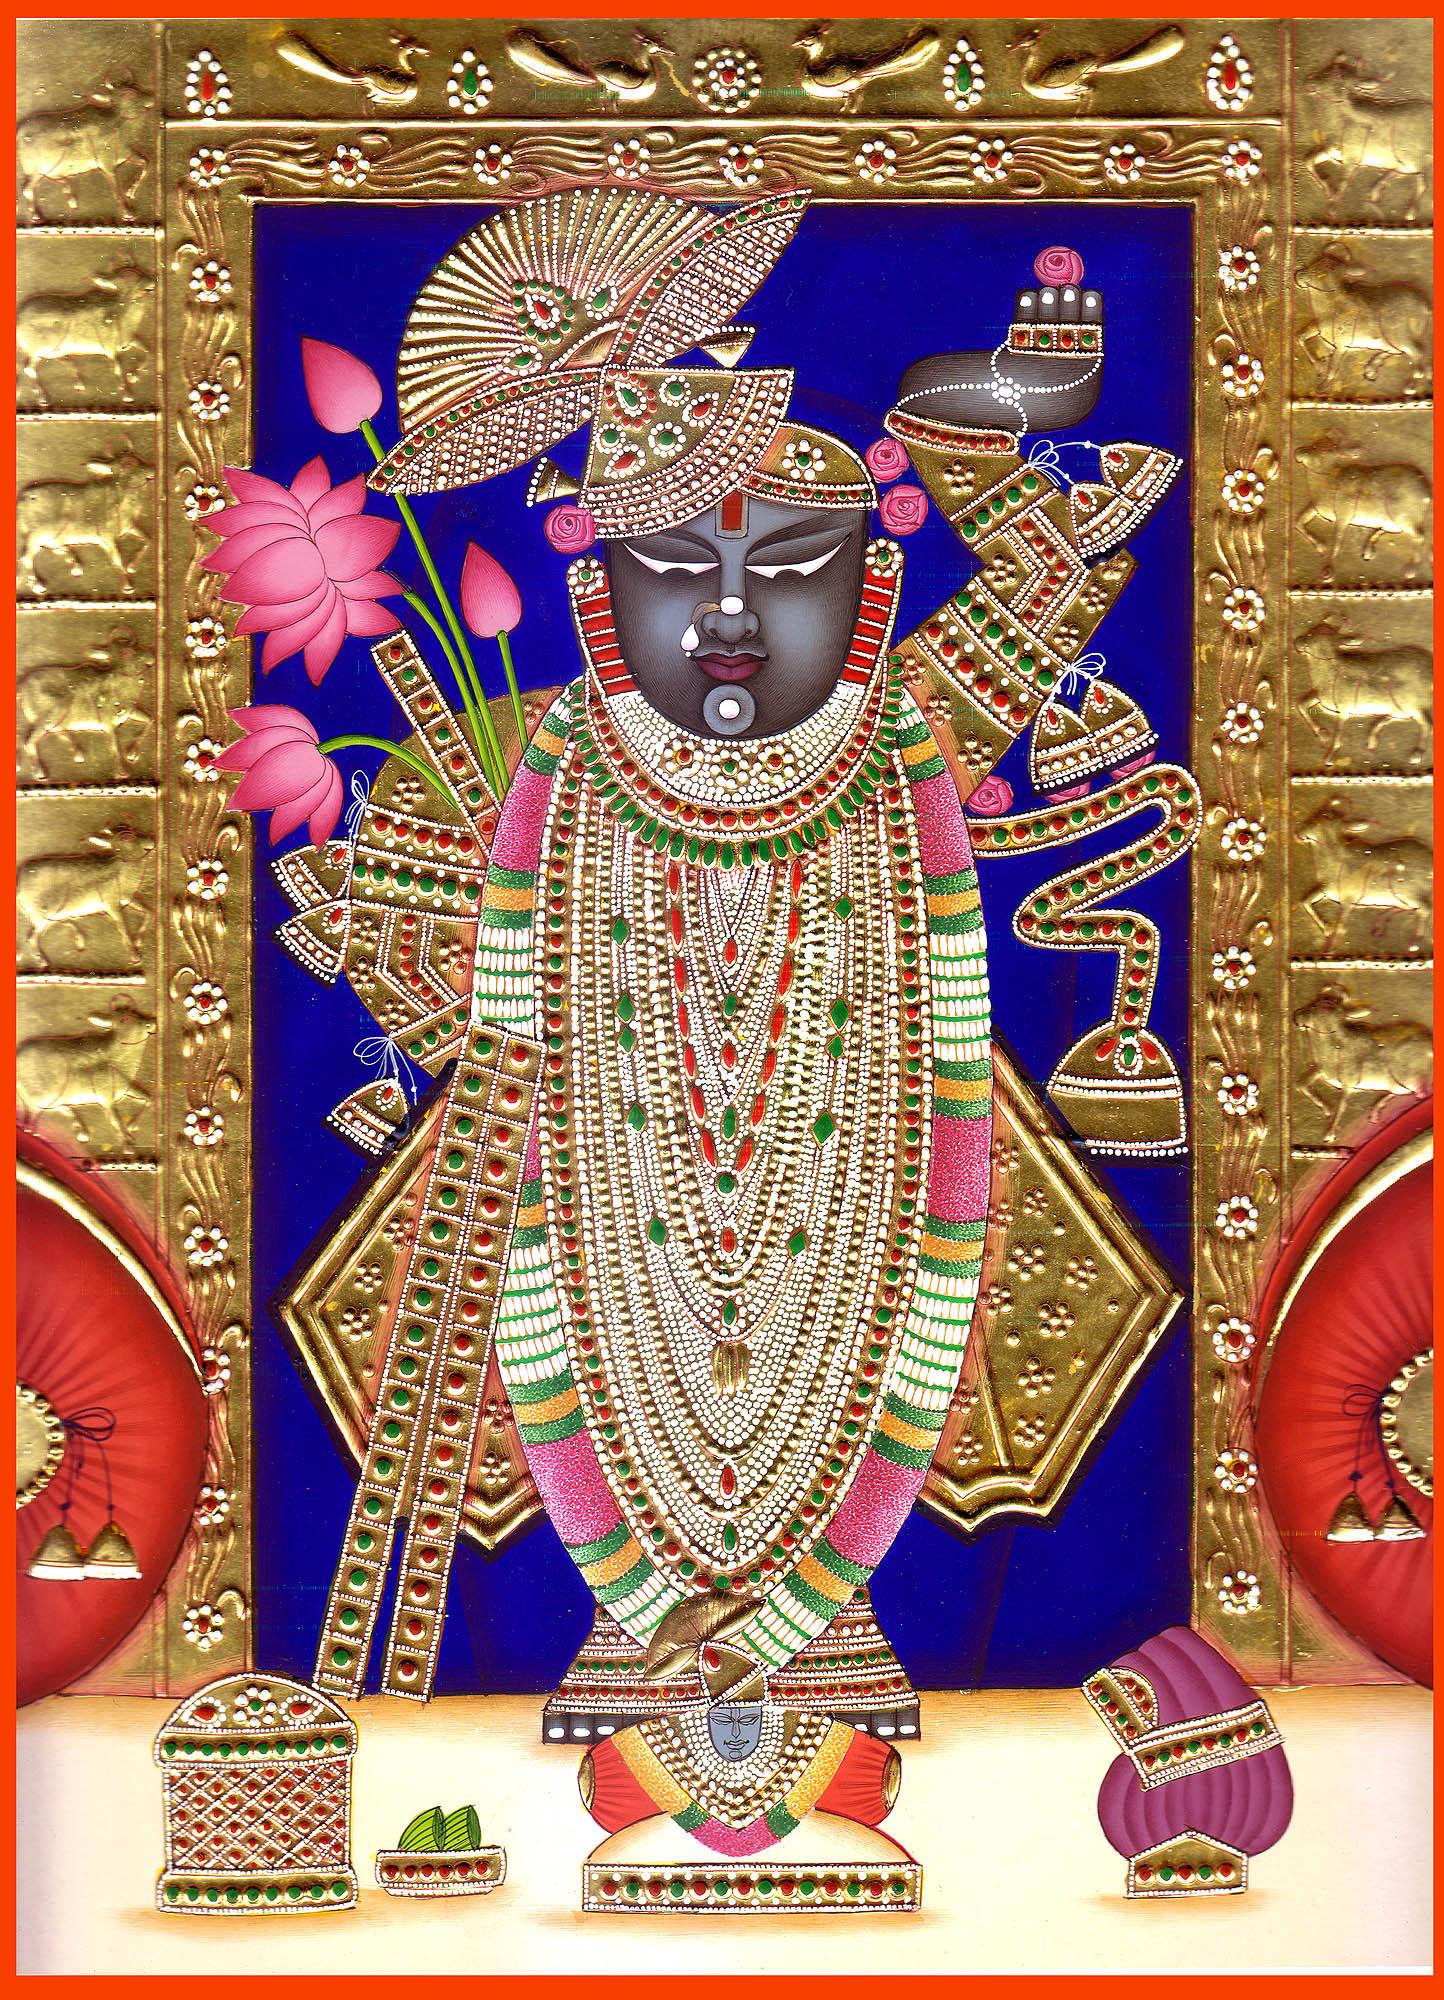 Shri Nath Ji